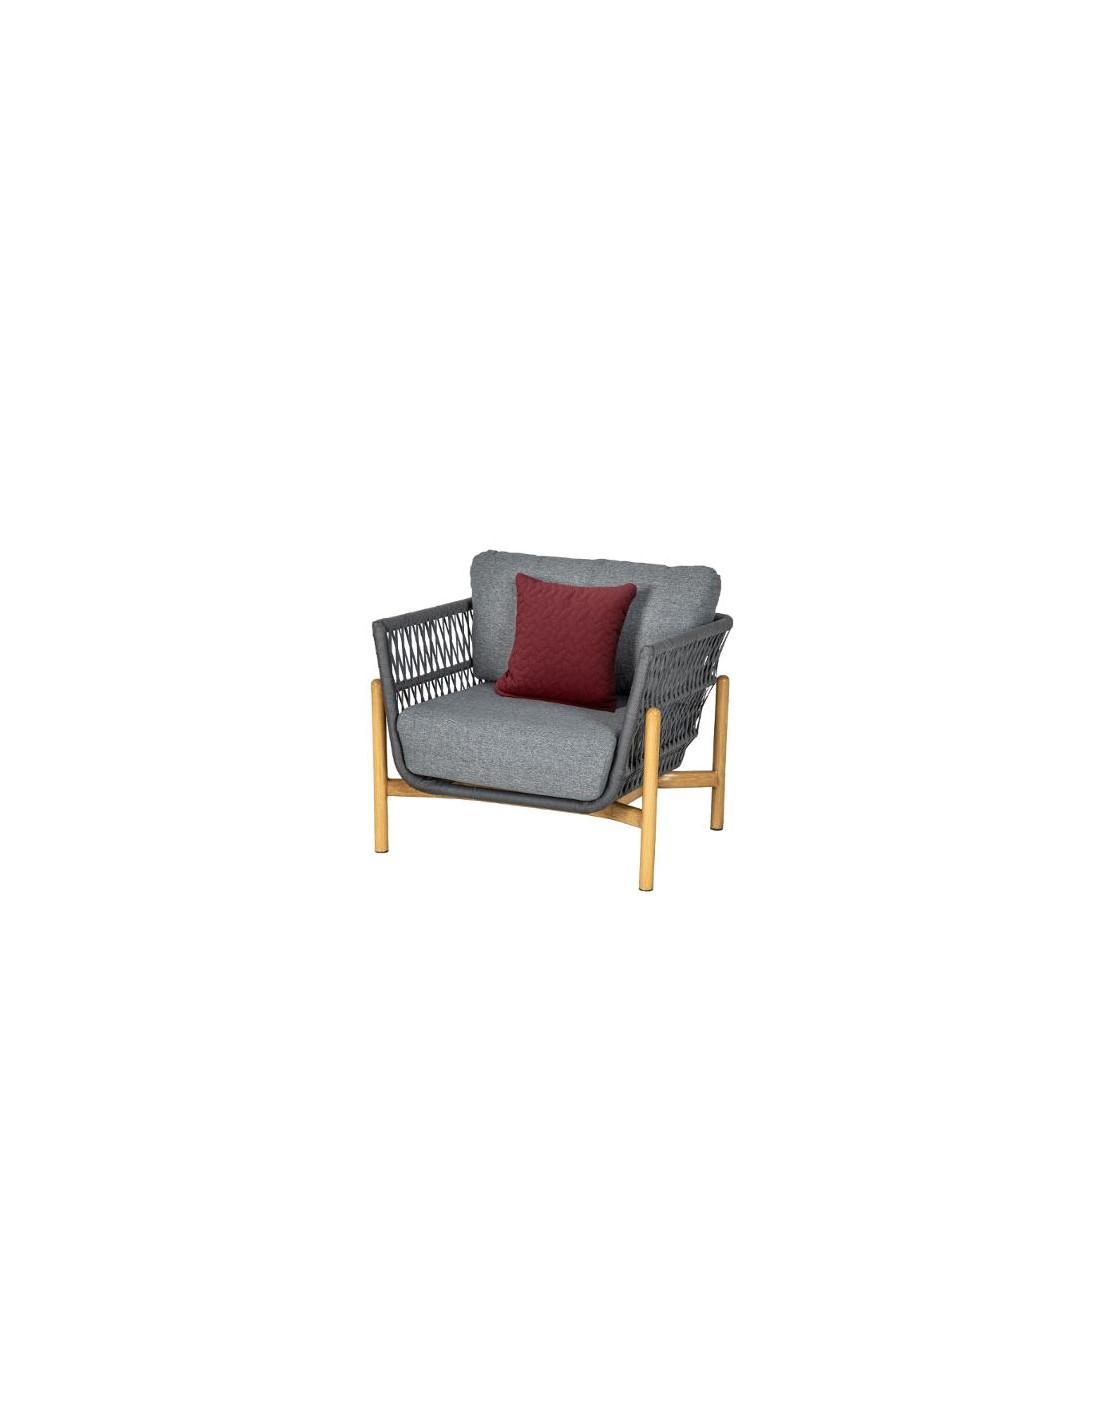 Fauteuil Rubby En Aluminium Et Maille Acrylique - Hesperide intérieur Chaise De Jardin Hesperide